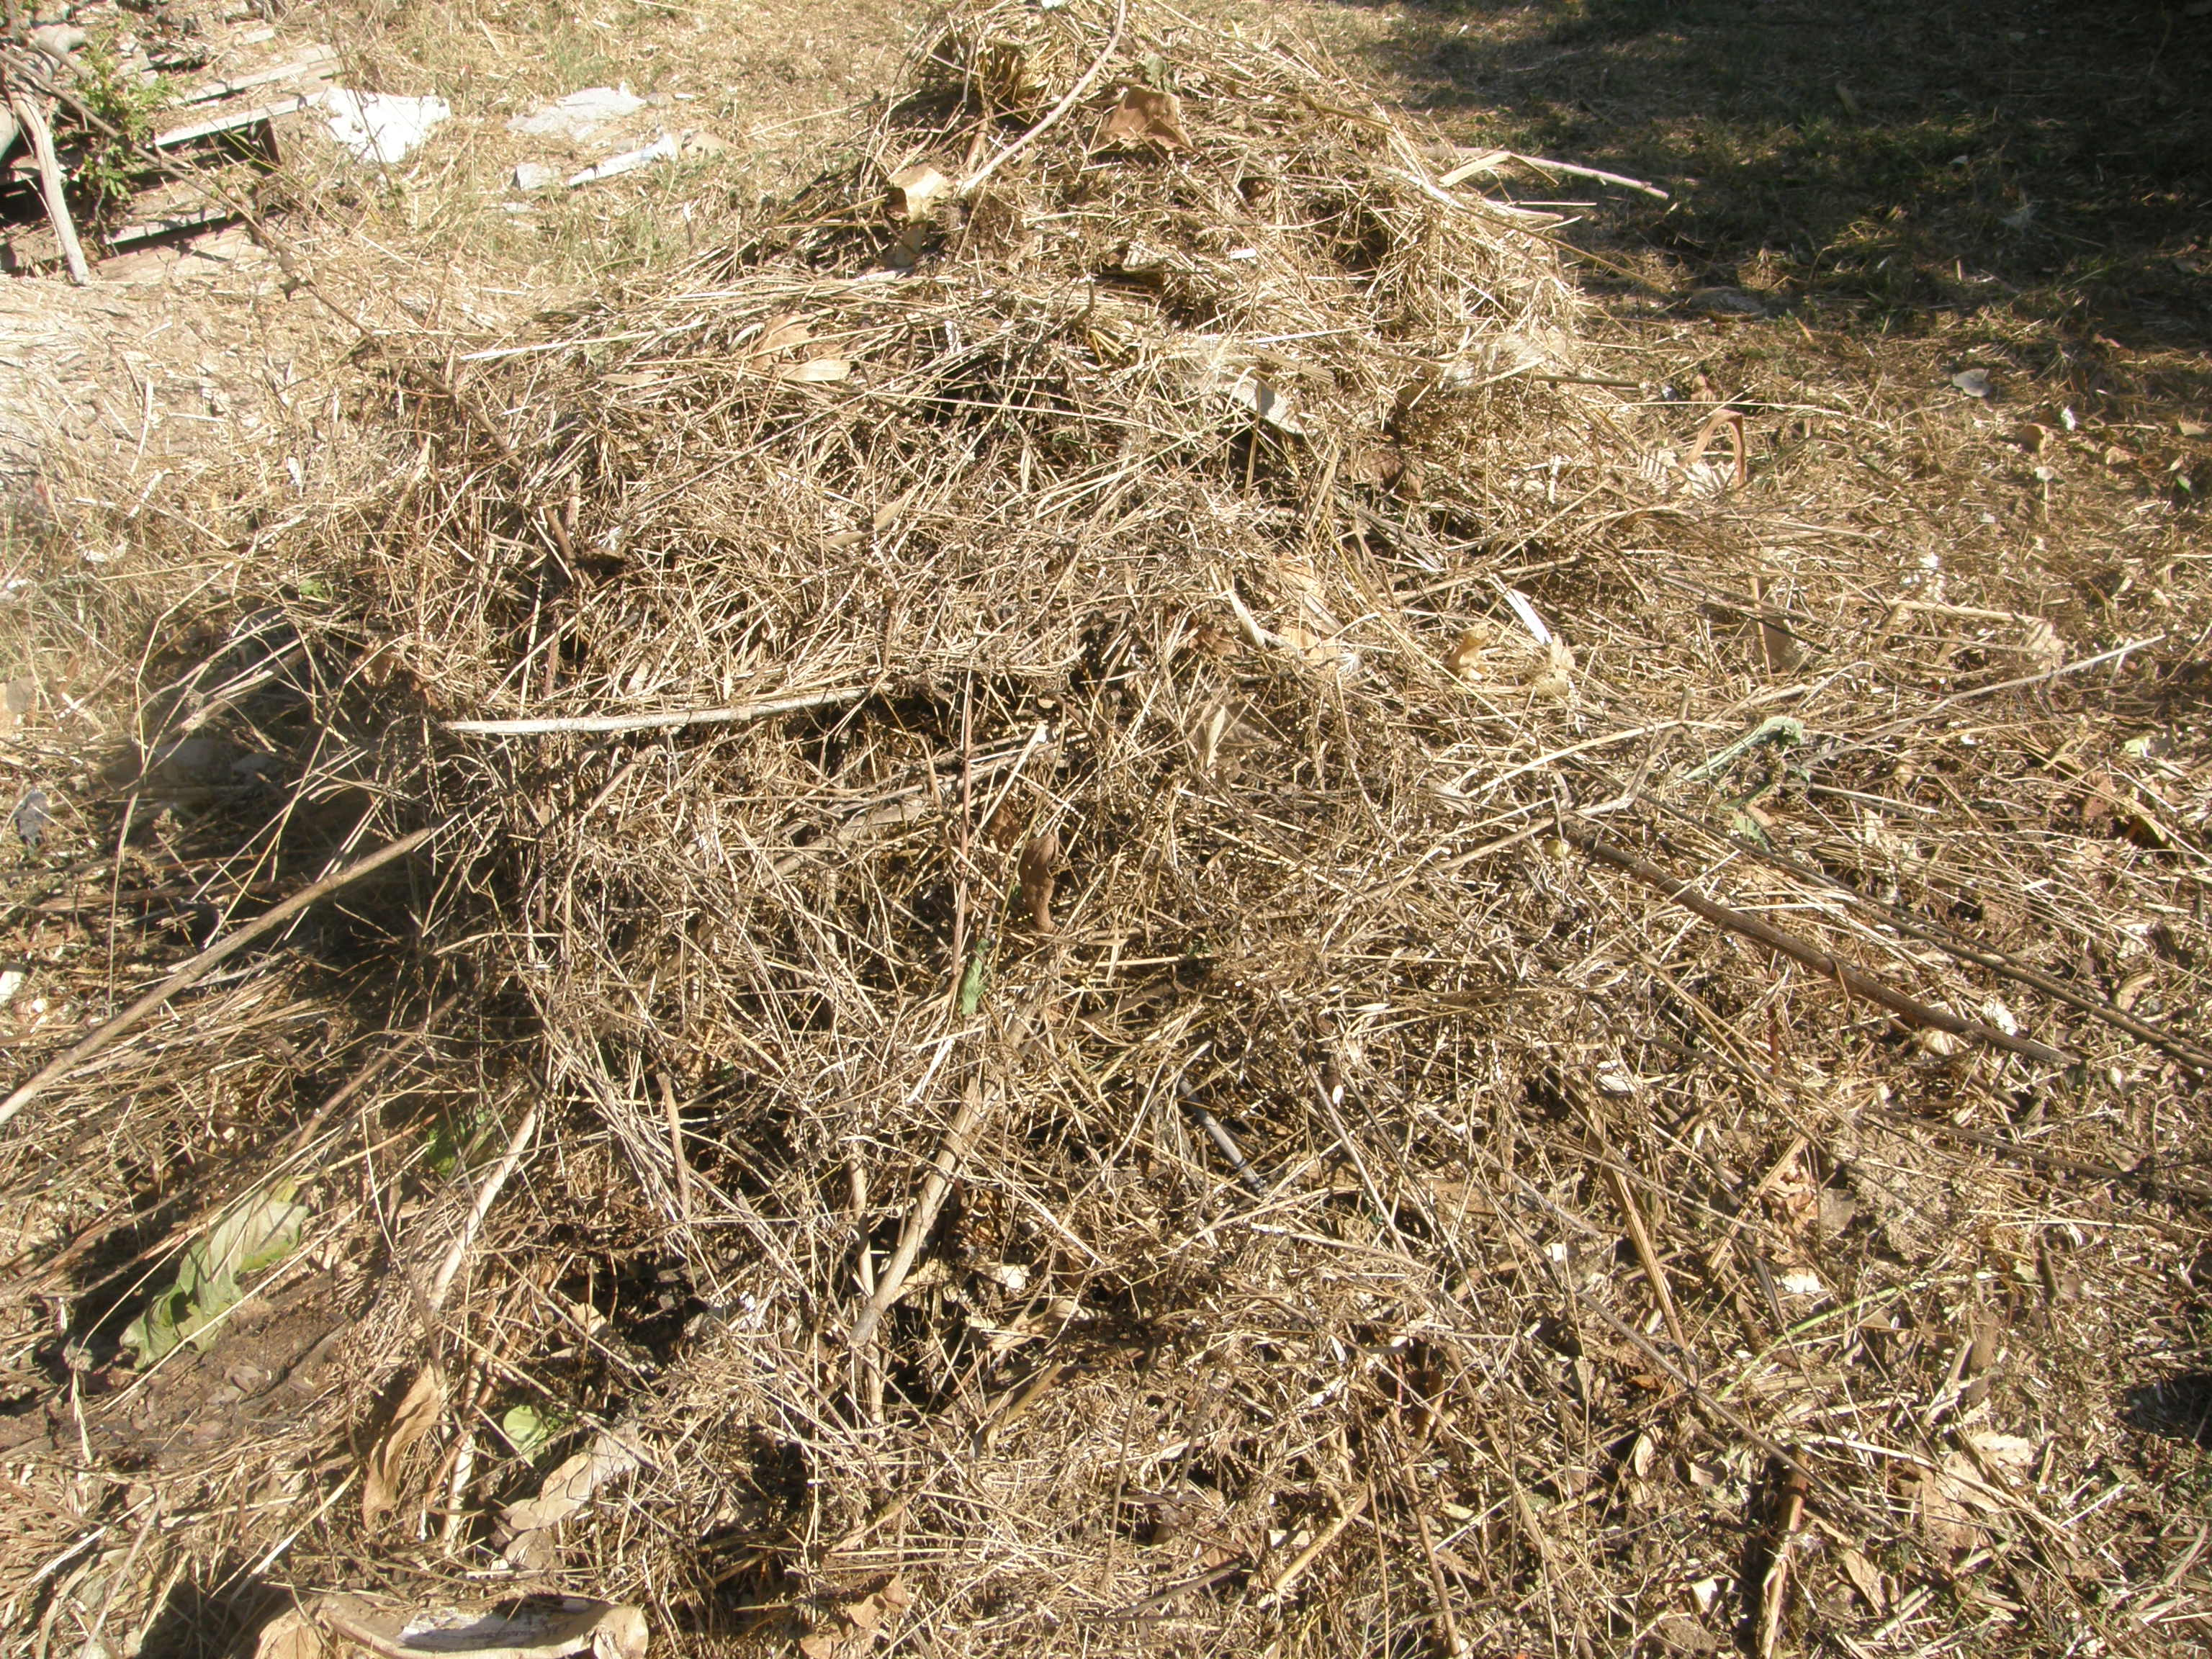 Comme les feuilles, la paille et le foin se broient difficilement dans un broyeur. La solution se trouve dans la lame en U d'une débroussailleuse à dos.